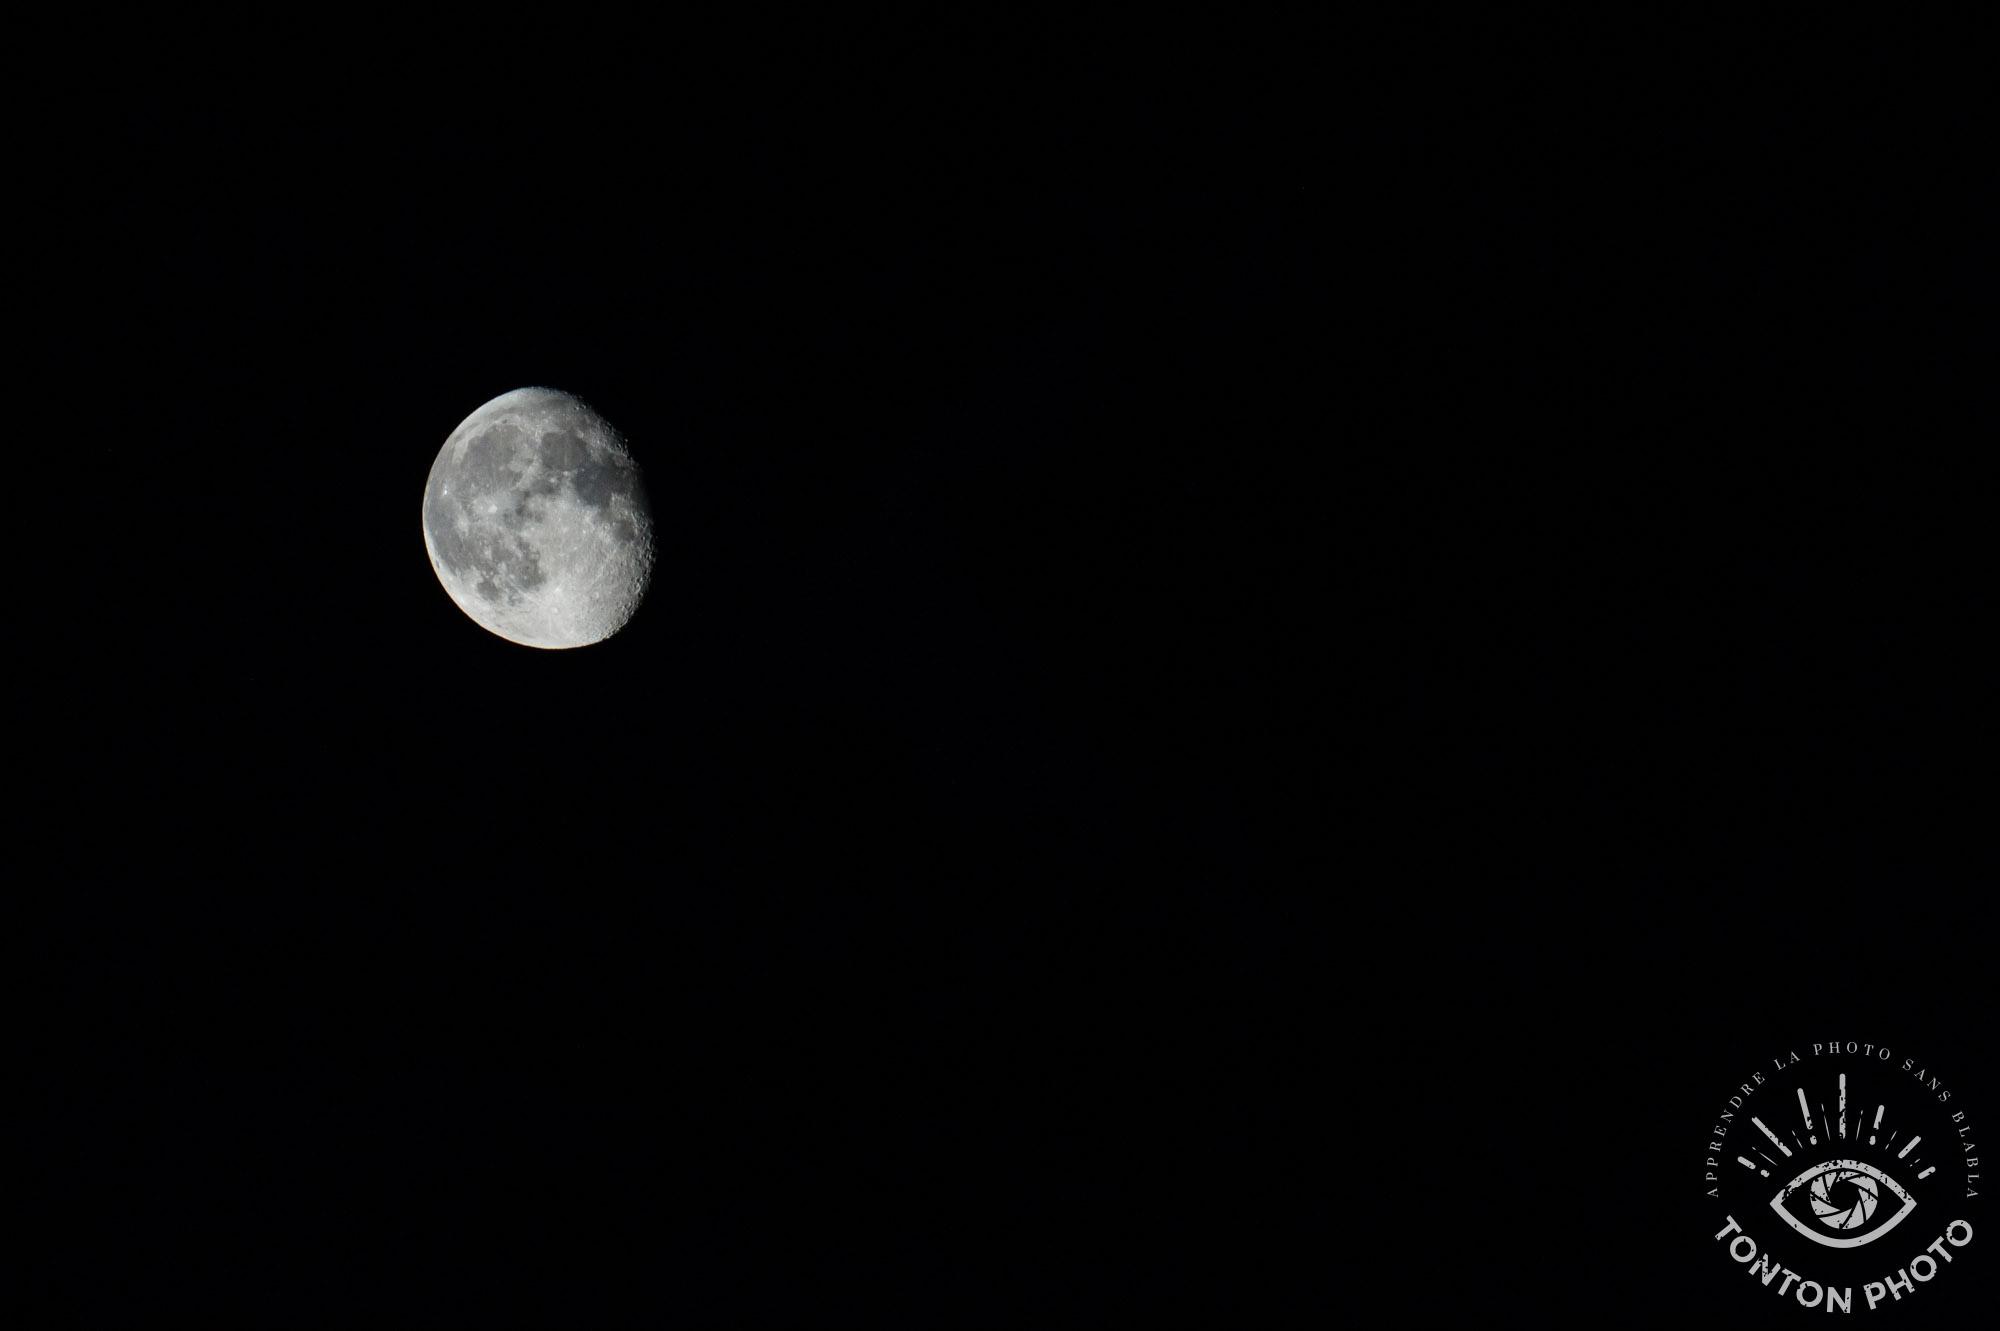 La lune, photographiée à l'aide du télé-objectif Samyang 500mm f/6.3 MC IF © Tonton Photo